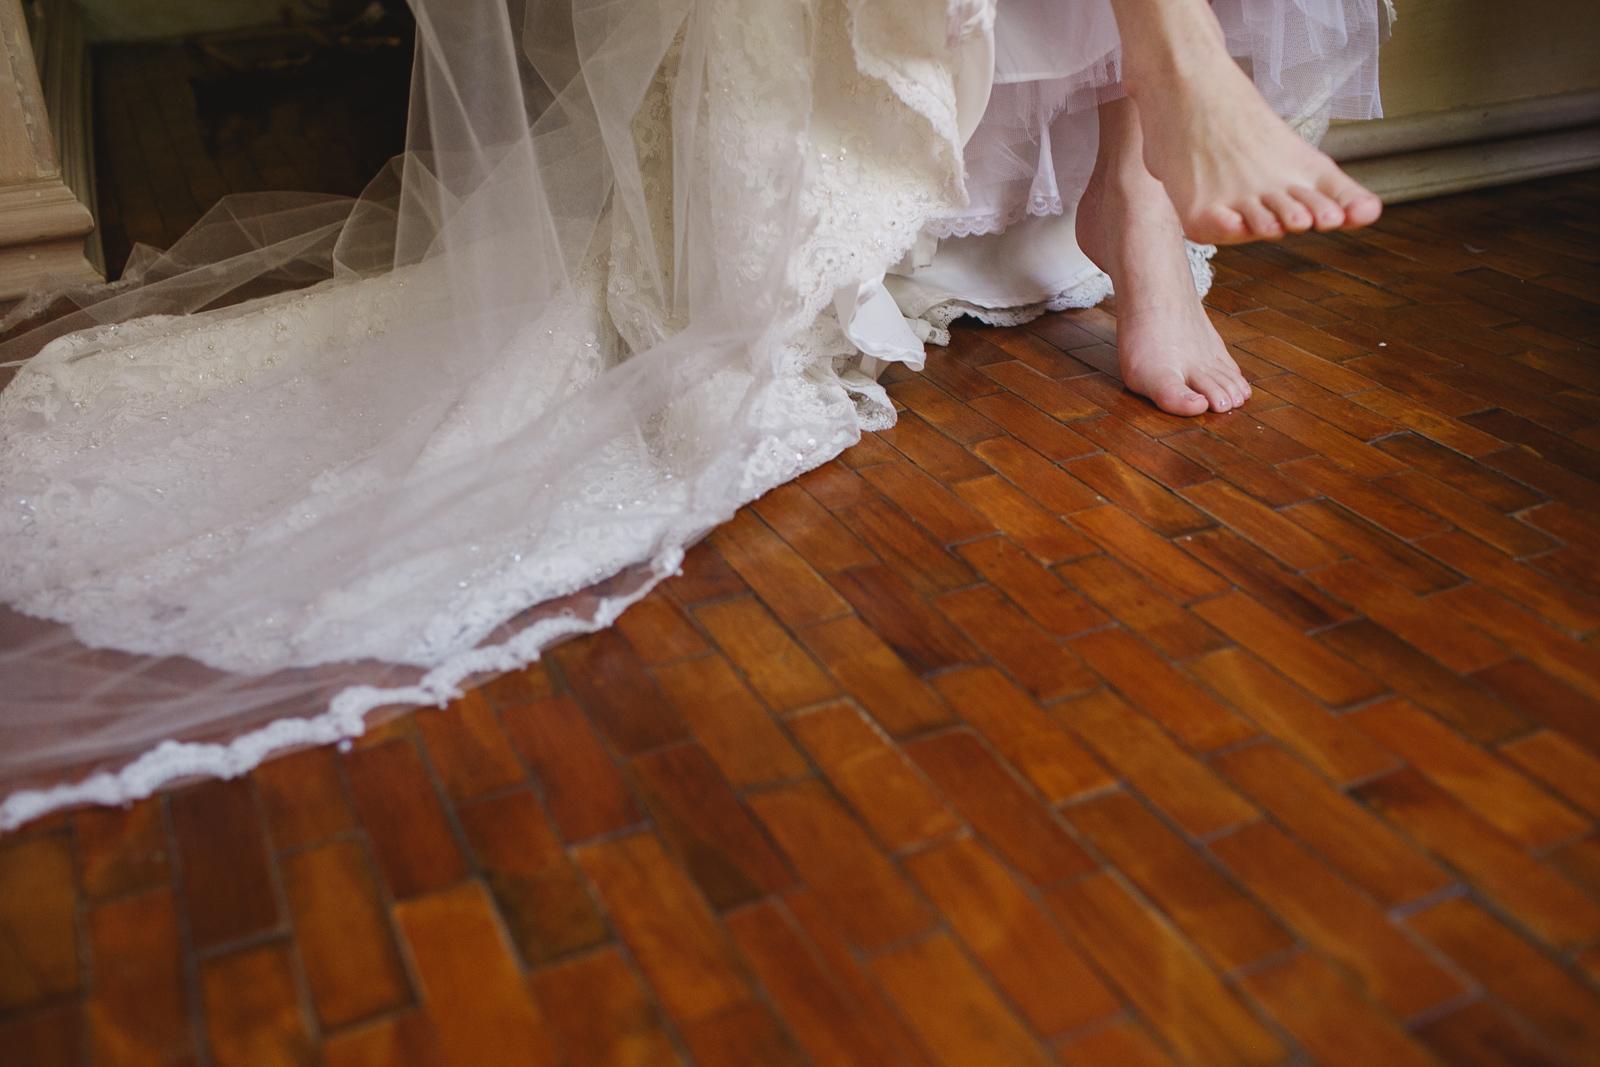 armando-aragon-fotografo-de-bodas-007